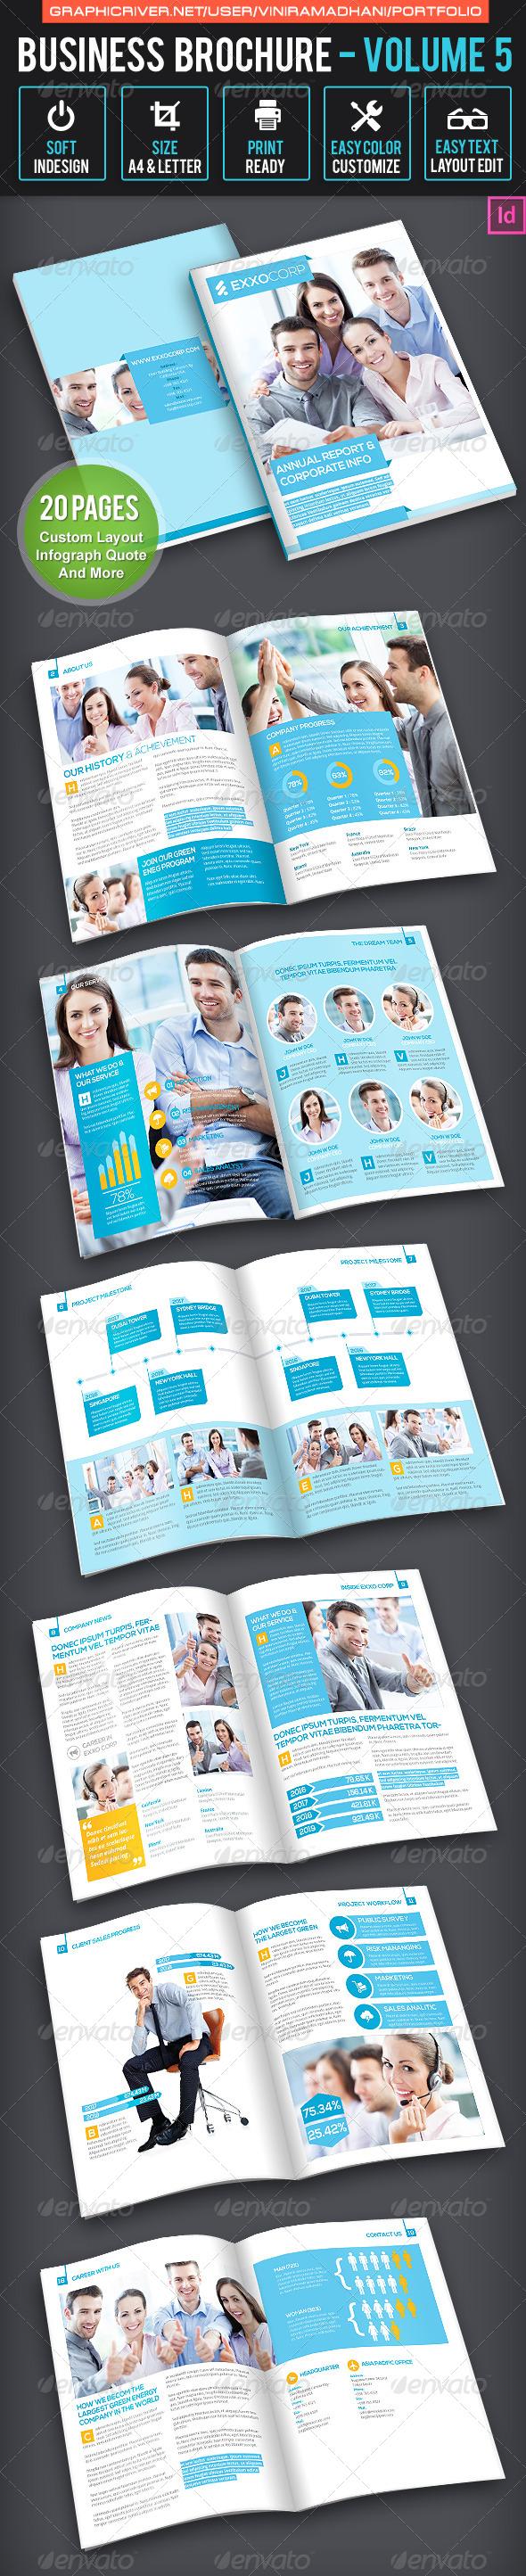 Business Brochure | Volume 5 - Corporate Brochures